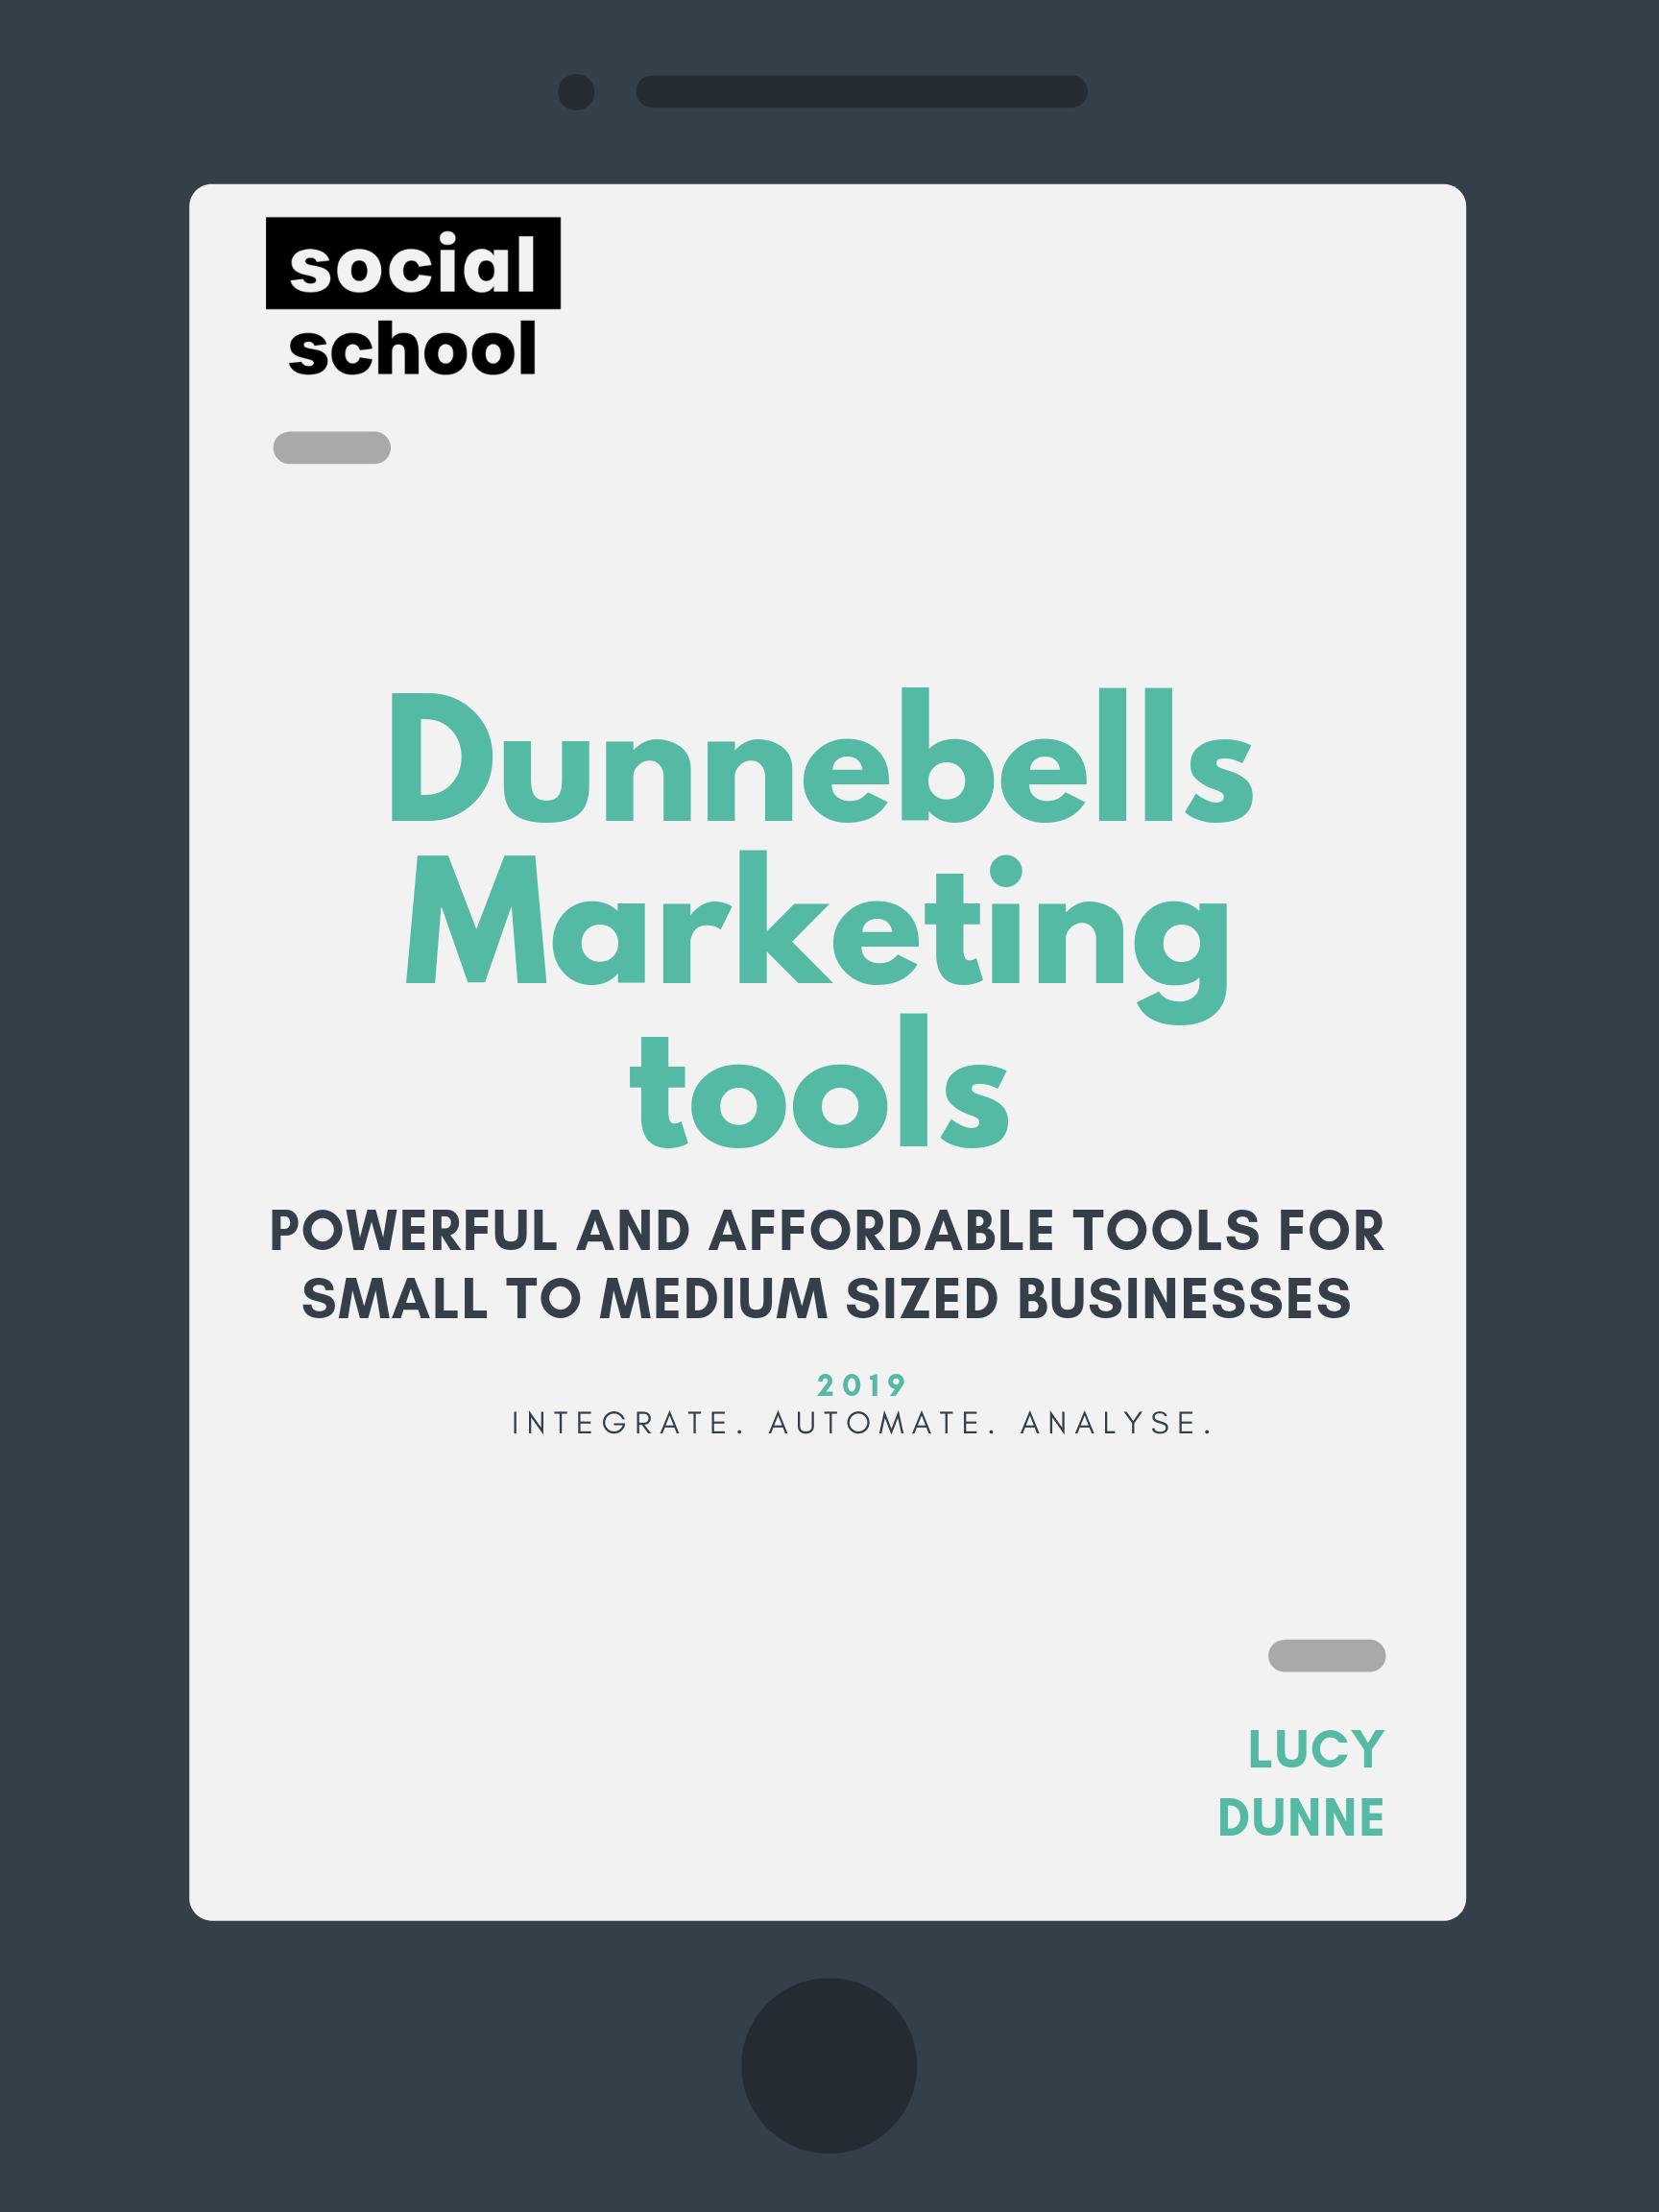 social school tools dunnebells.png